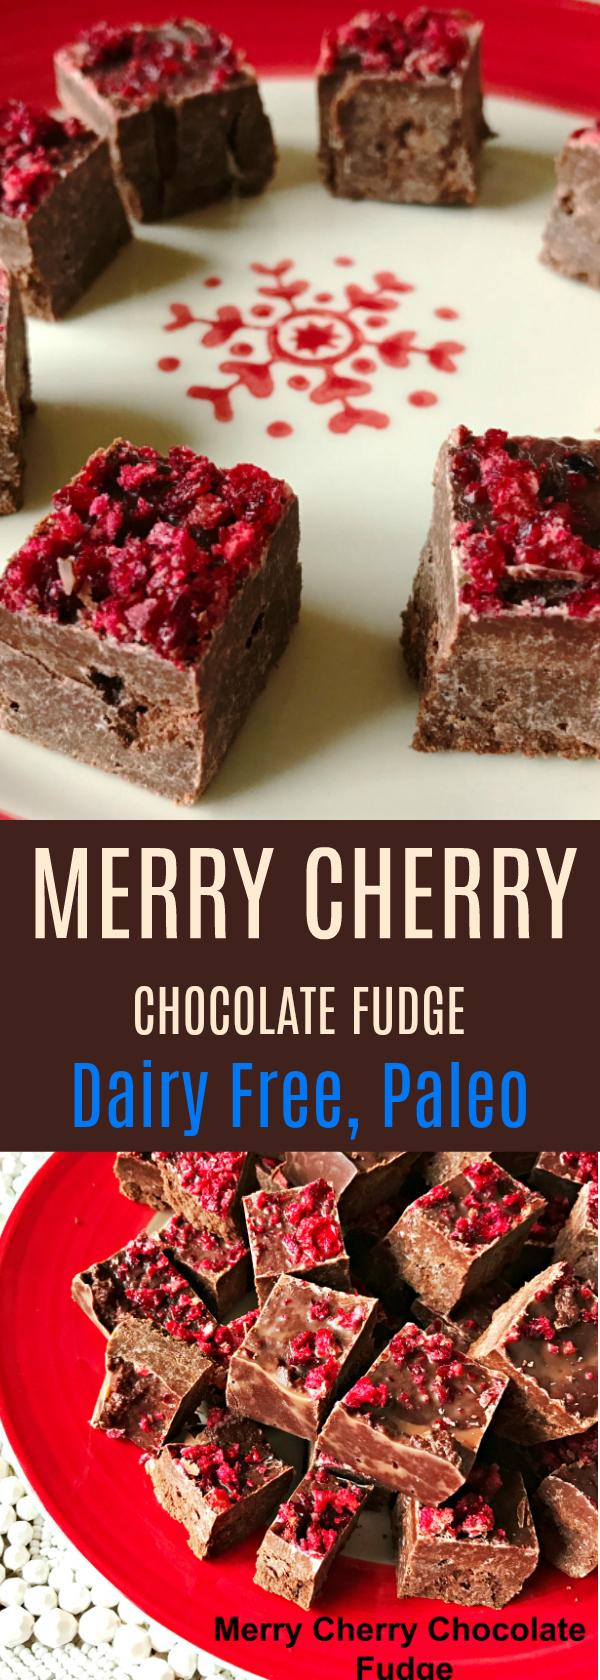 Merry Cherry Chocolate Fudge Dairy Free, Paleo